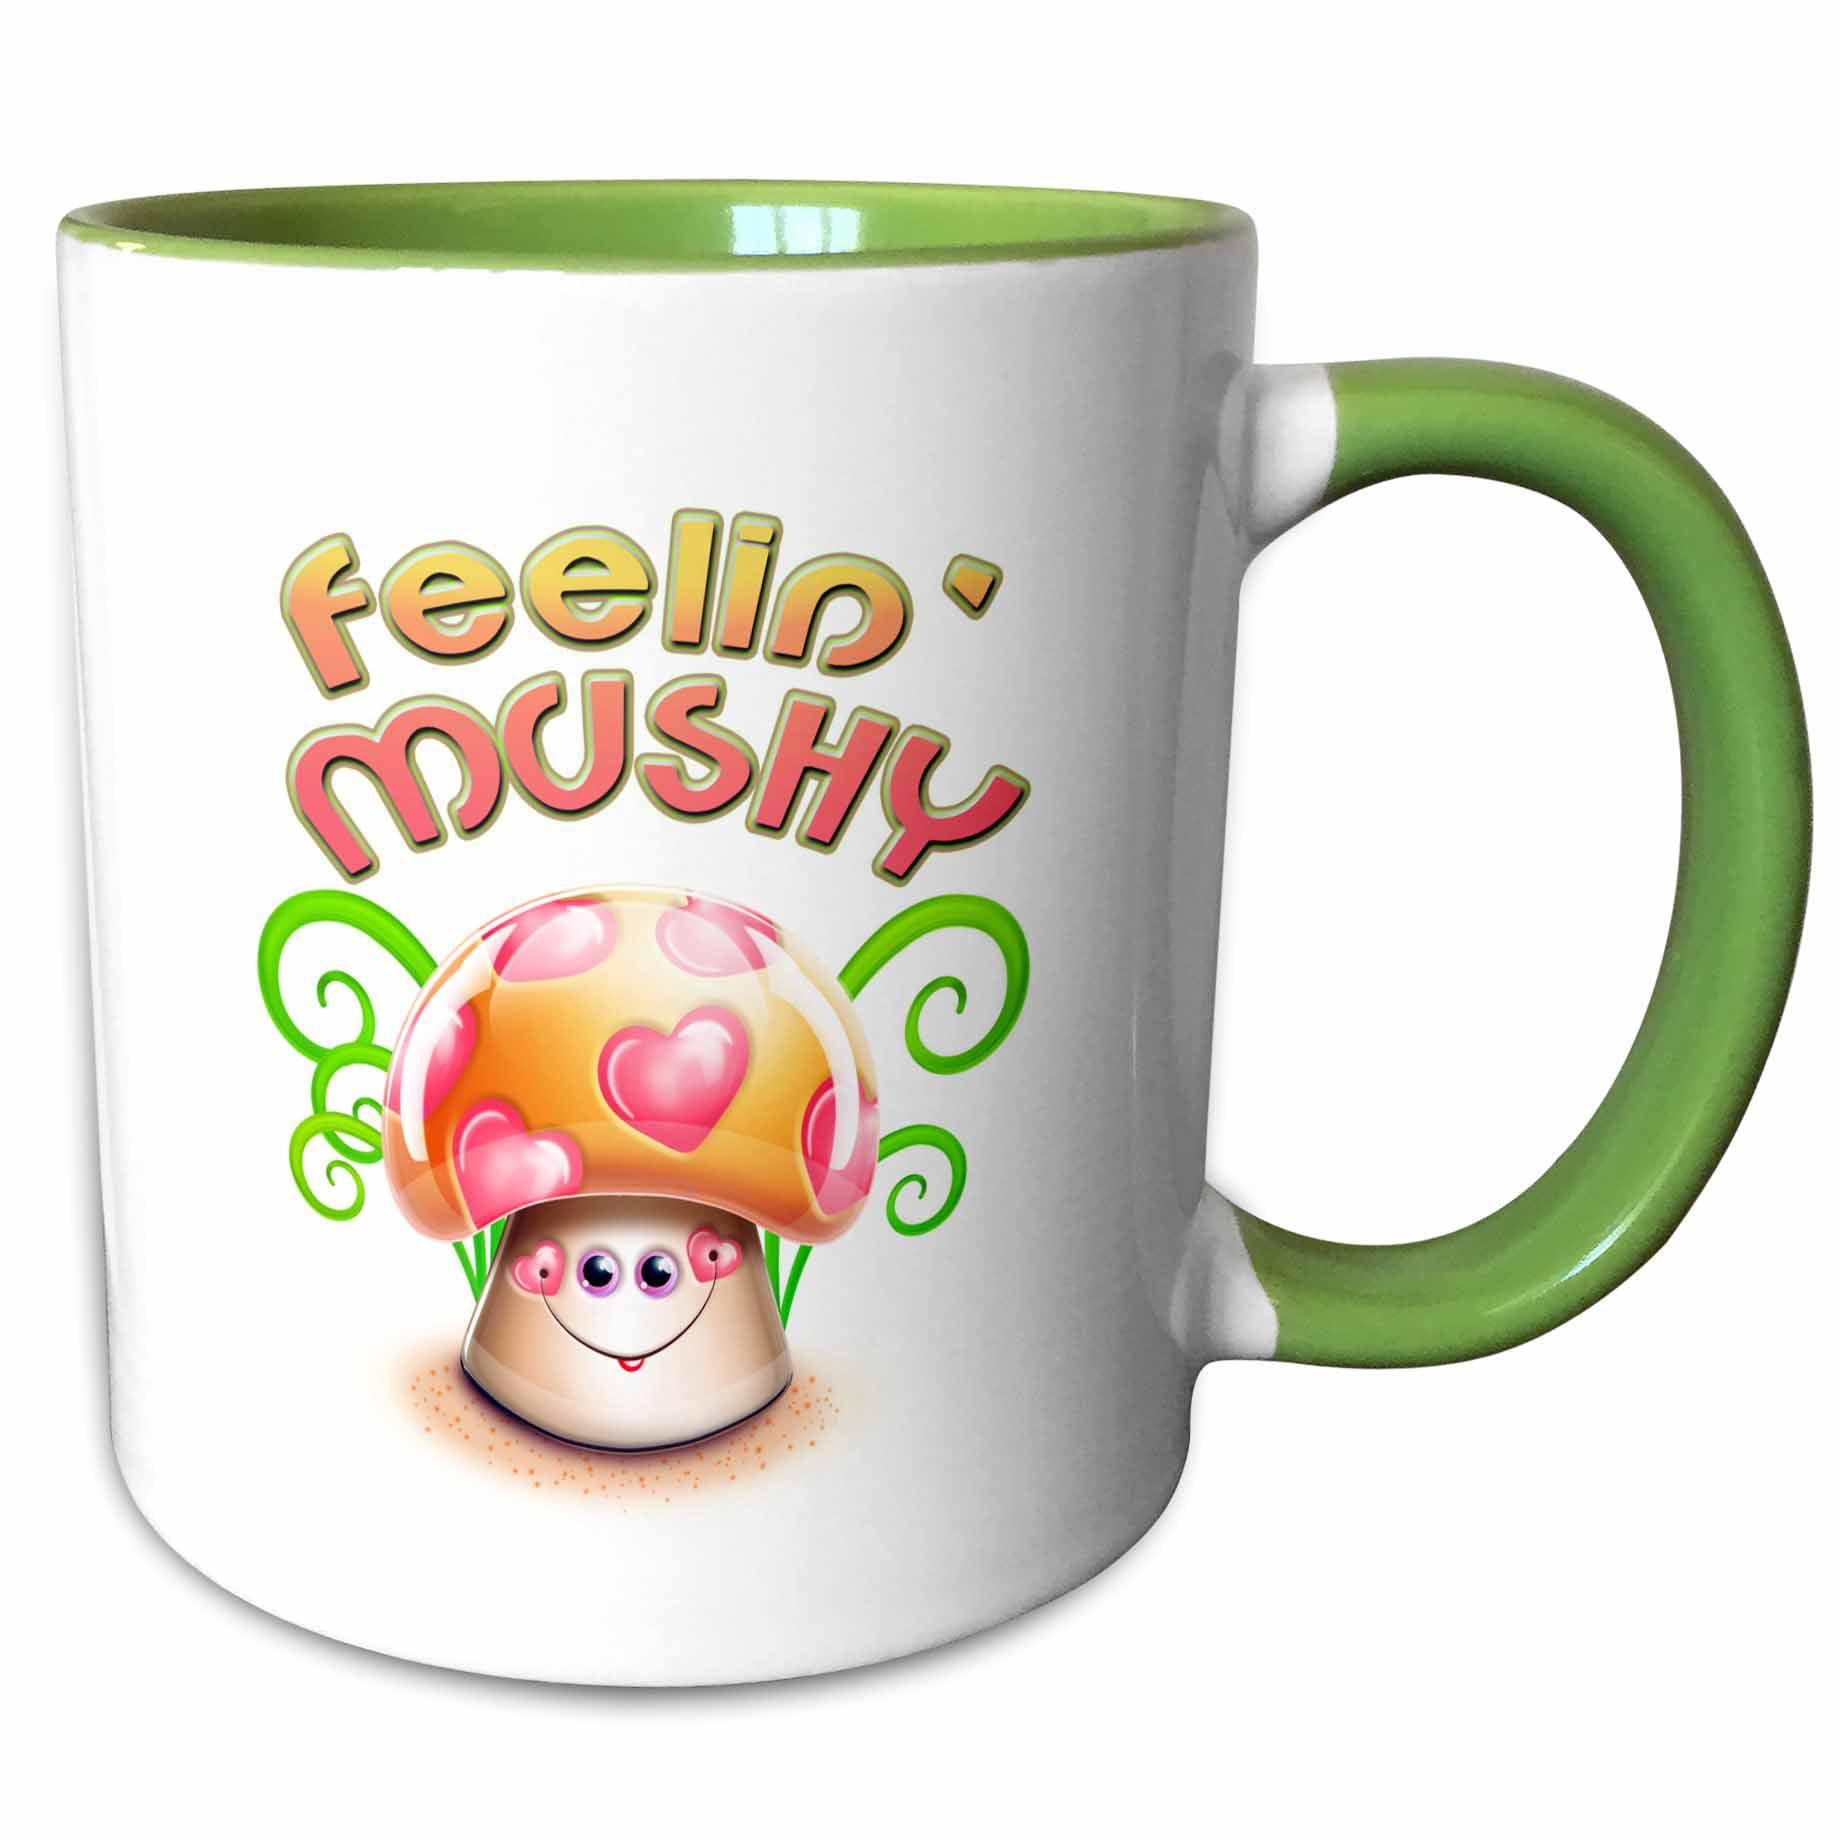 3drose Cute Feeling Mushy Cartoon Love Mushroom Toadstool Cartoon Two Tone Green Mug 11 Ounce Walmart Com Walmart Com